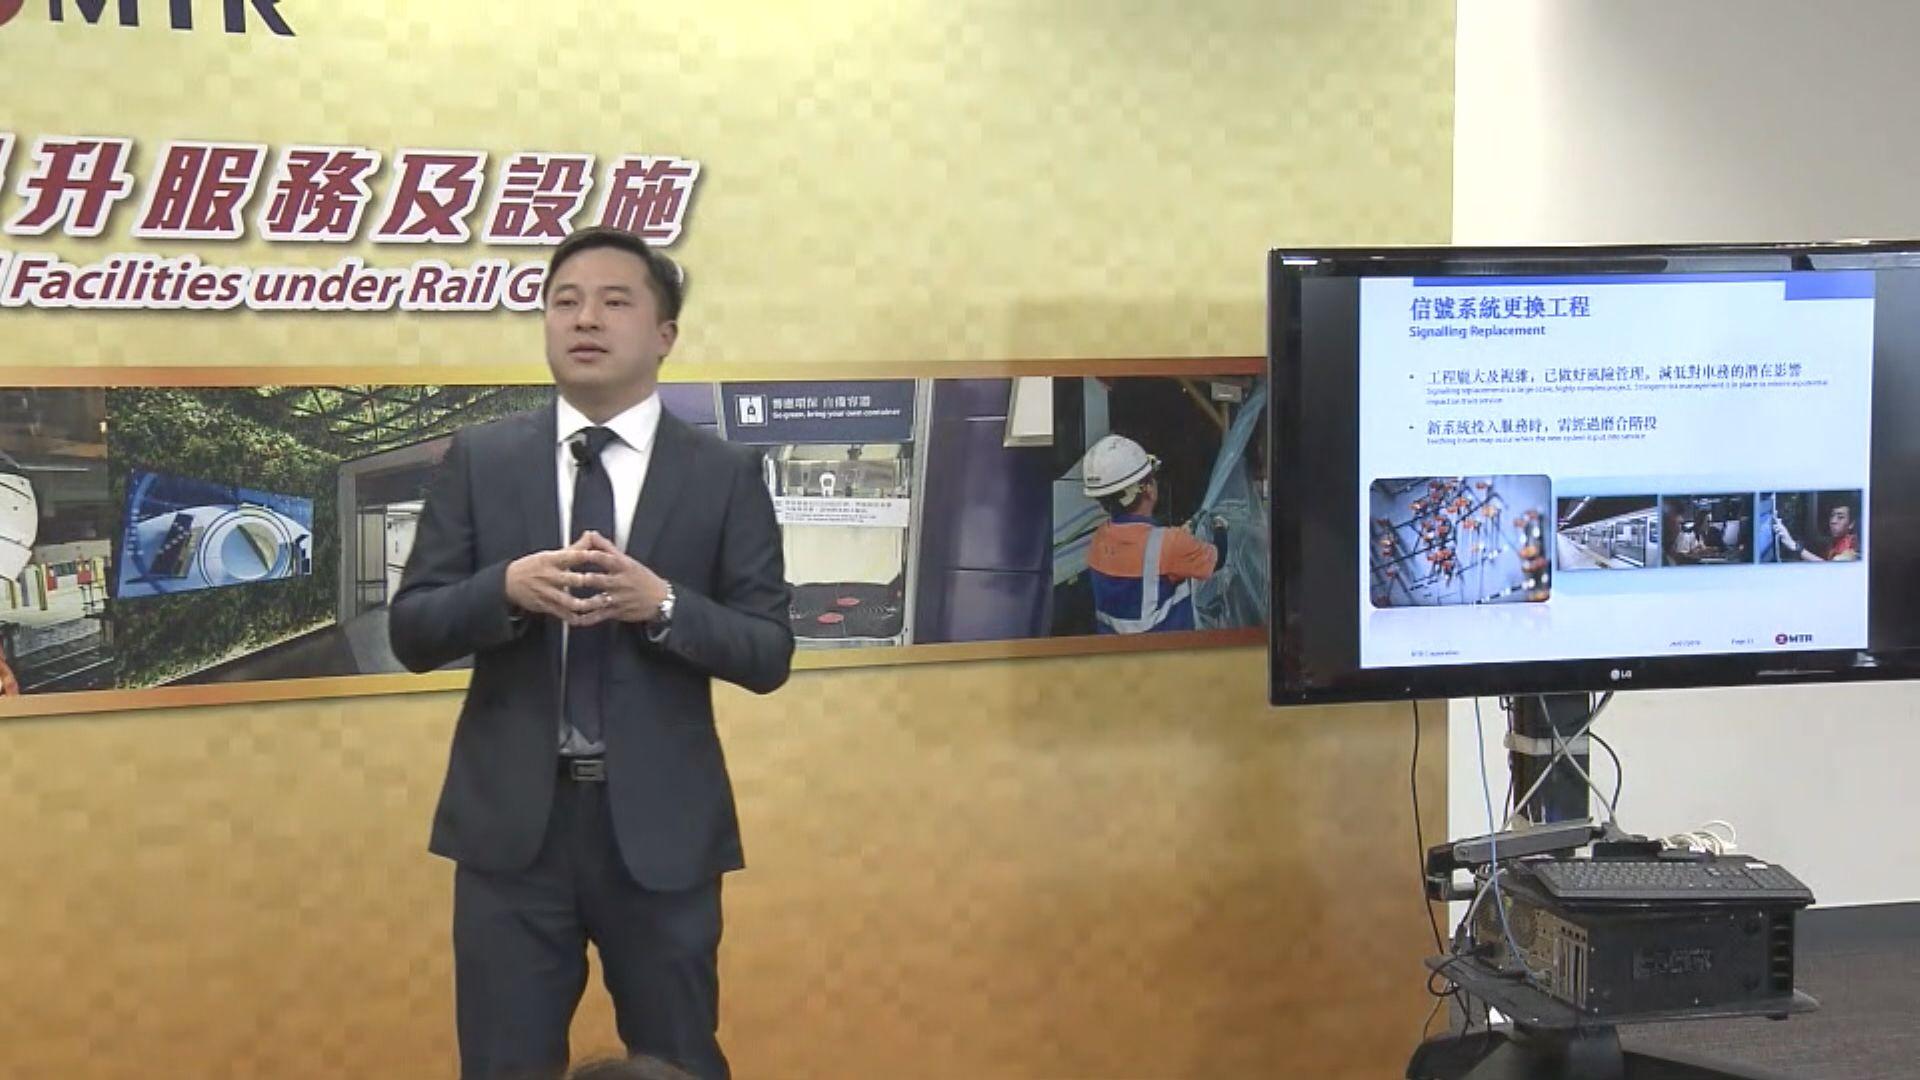 荃灣綫下半年就更新信號系統作測試或有延誤